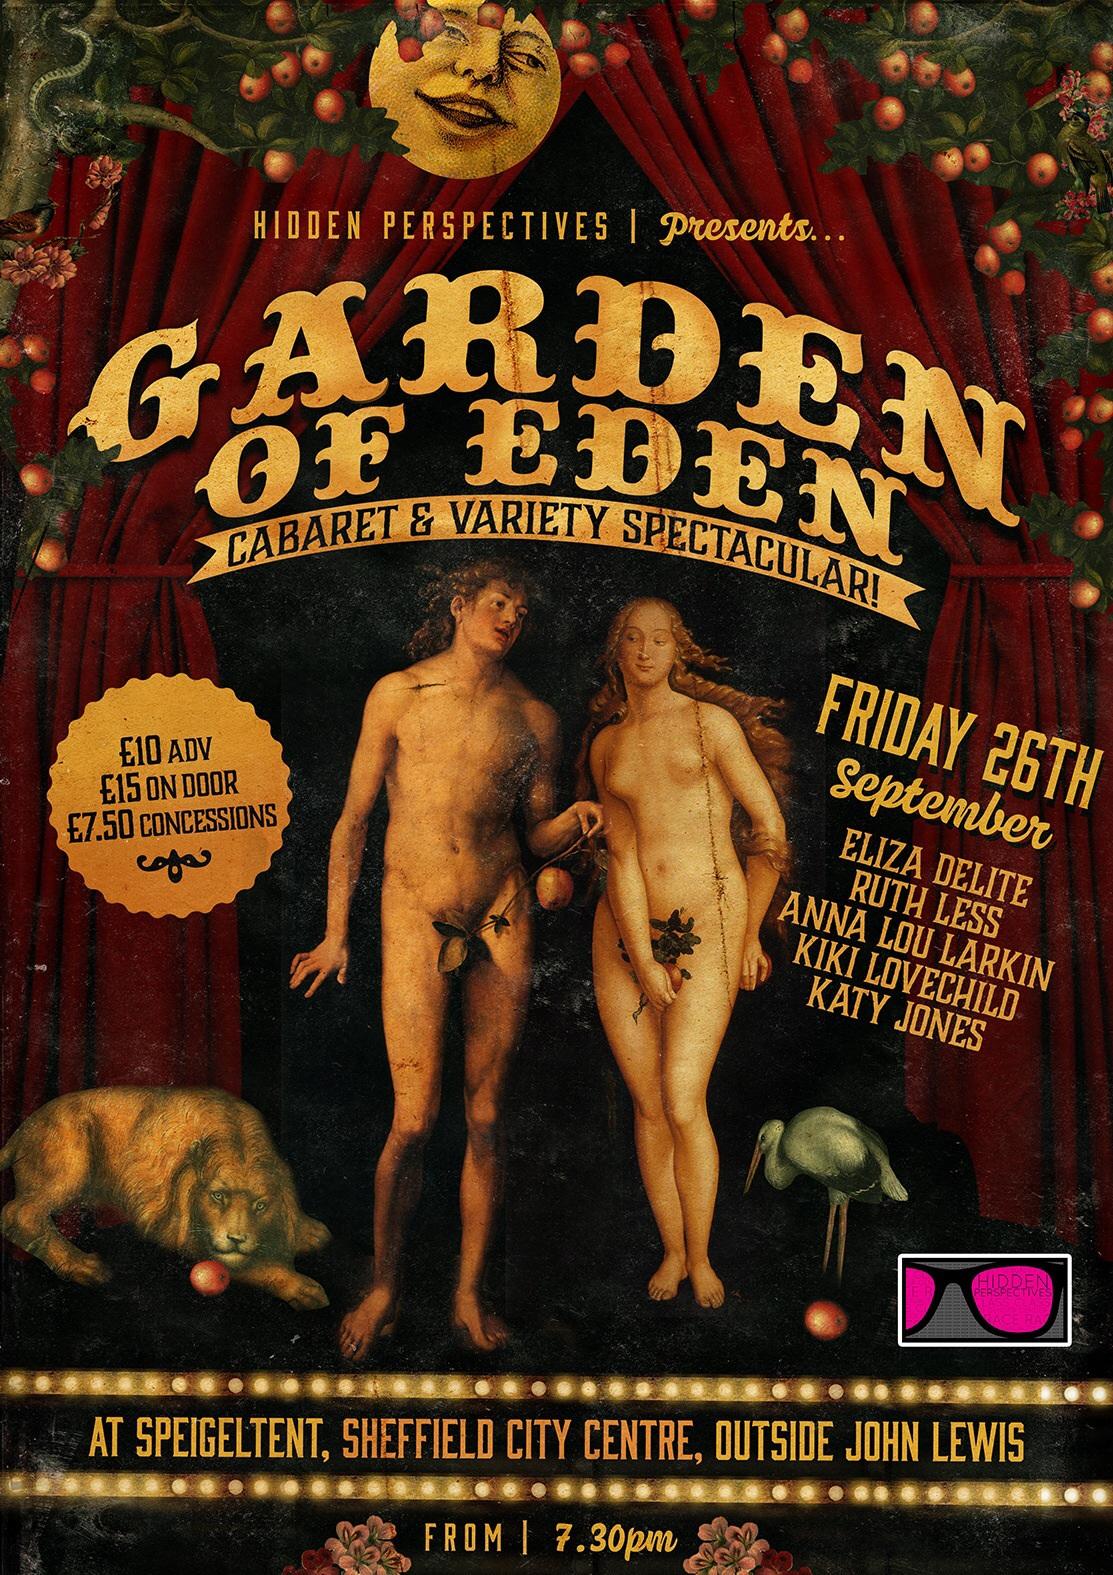 Garden of Eden | Hidden Perspectives